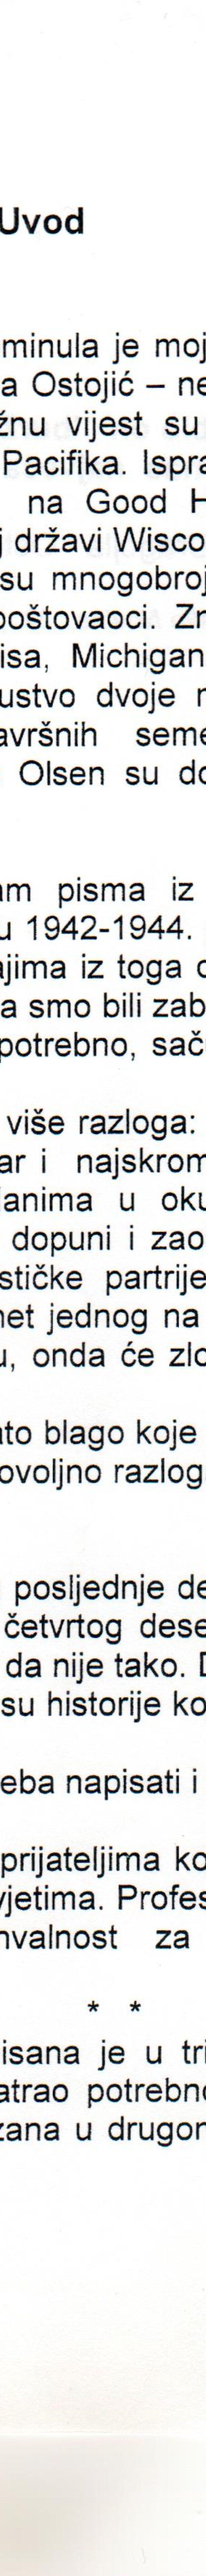 Dragojla-2.jpeg.jpeg